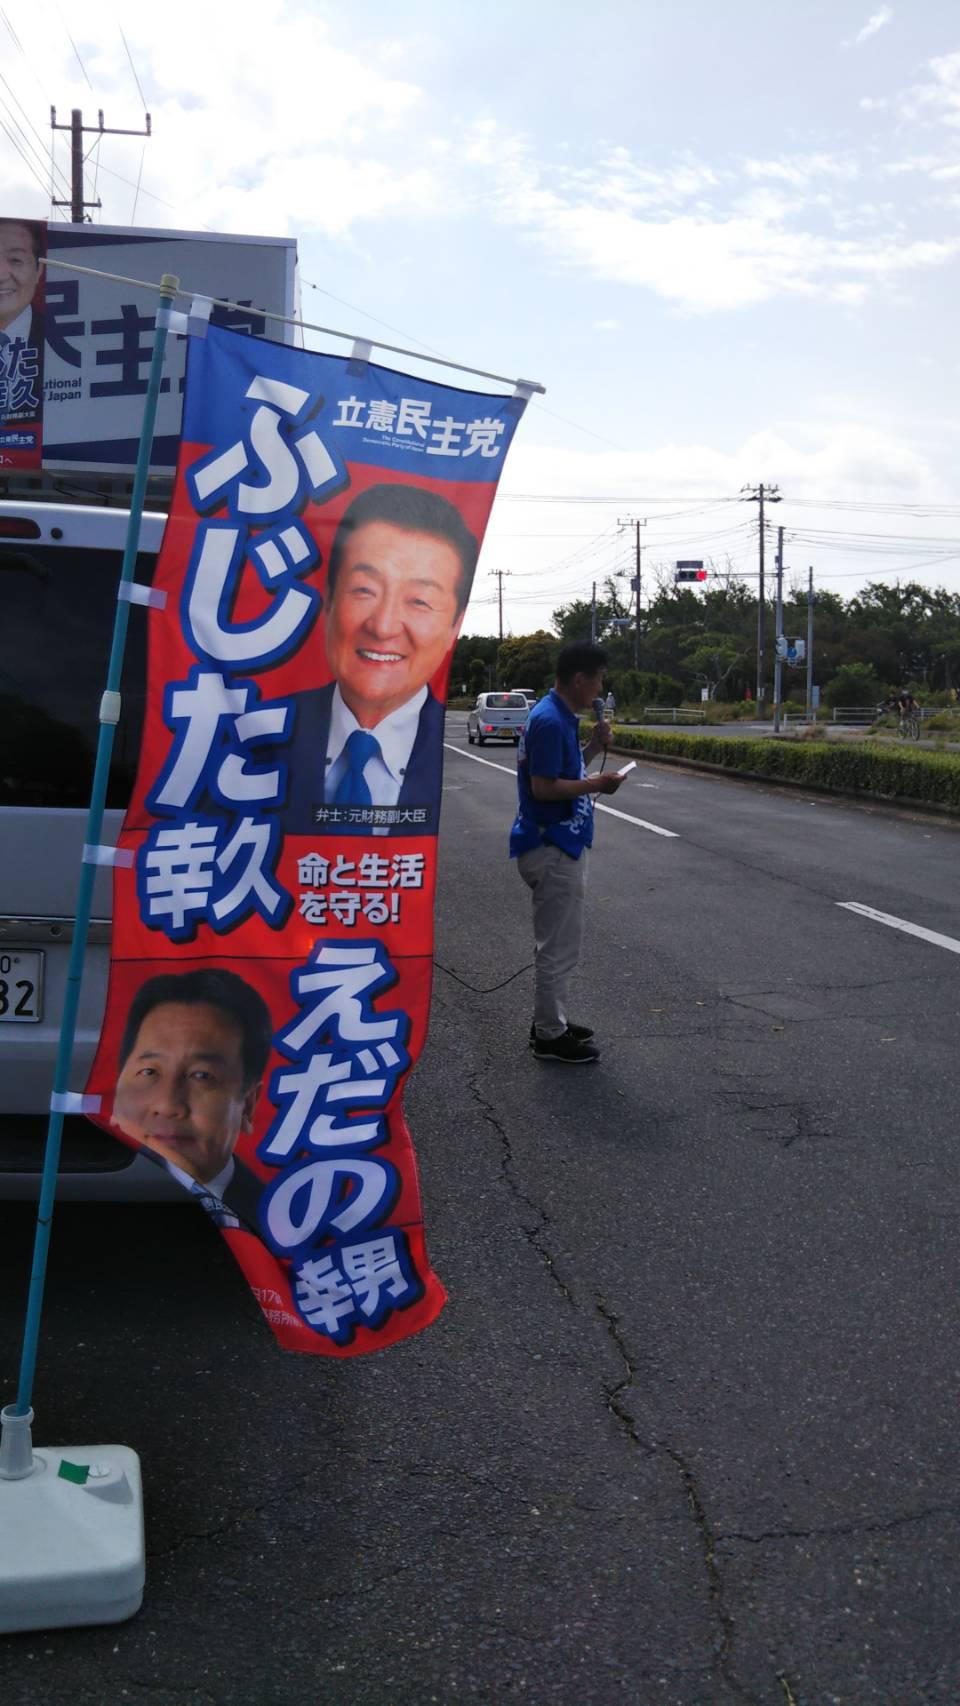 神栖市波崎のカスミやタイヨーの前での街頭演説の動画です。